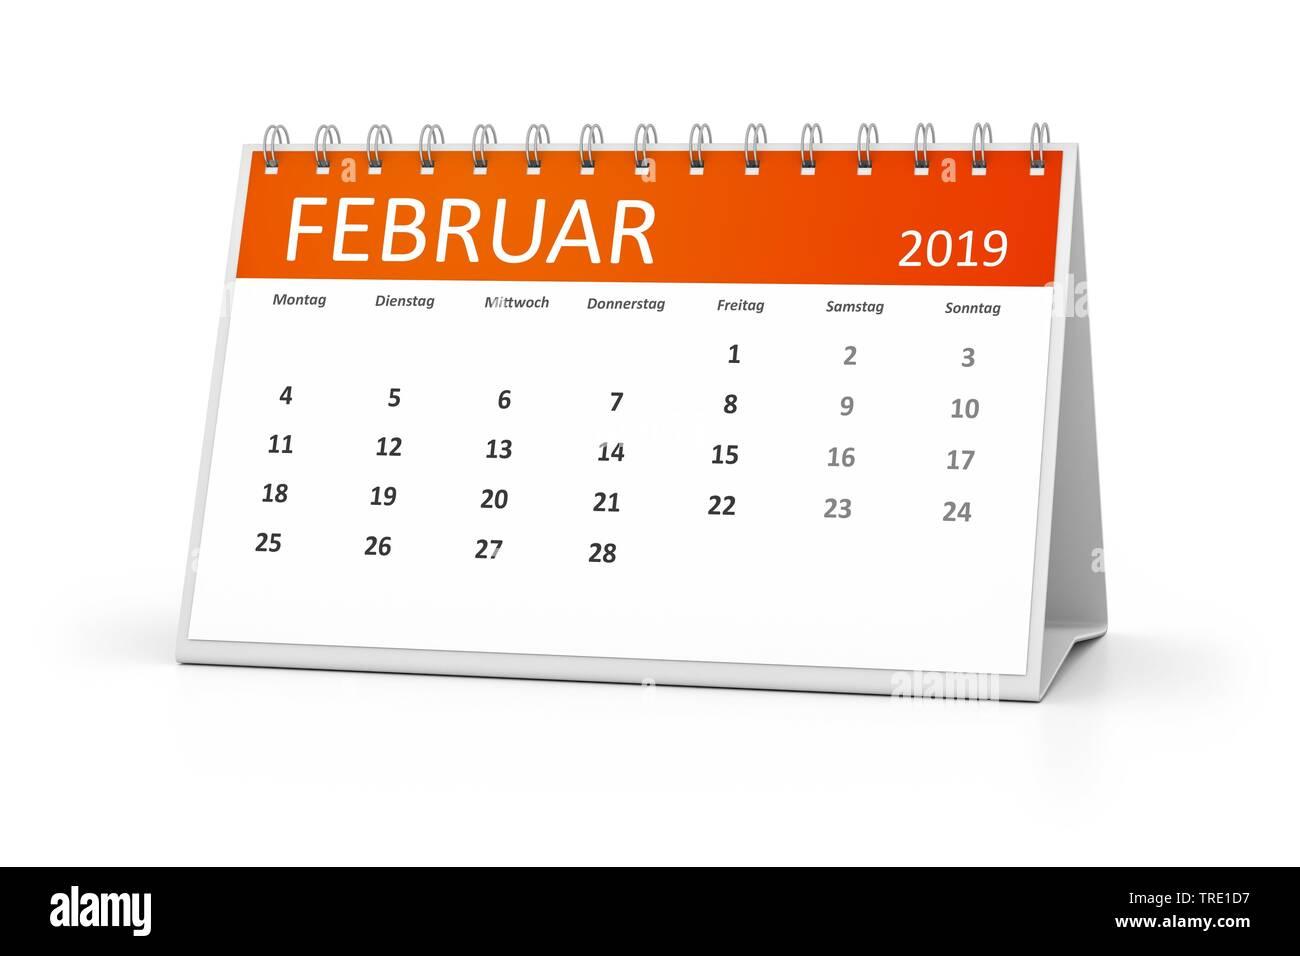 Kalenderblatt fuer den Februar 2019 | a table calendar for your events 2019 Februar 3d illustration, february | BLWS514578.jpg [ (c) blickwinkel/McPHO - Stock Image